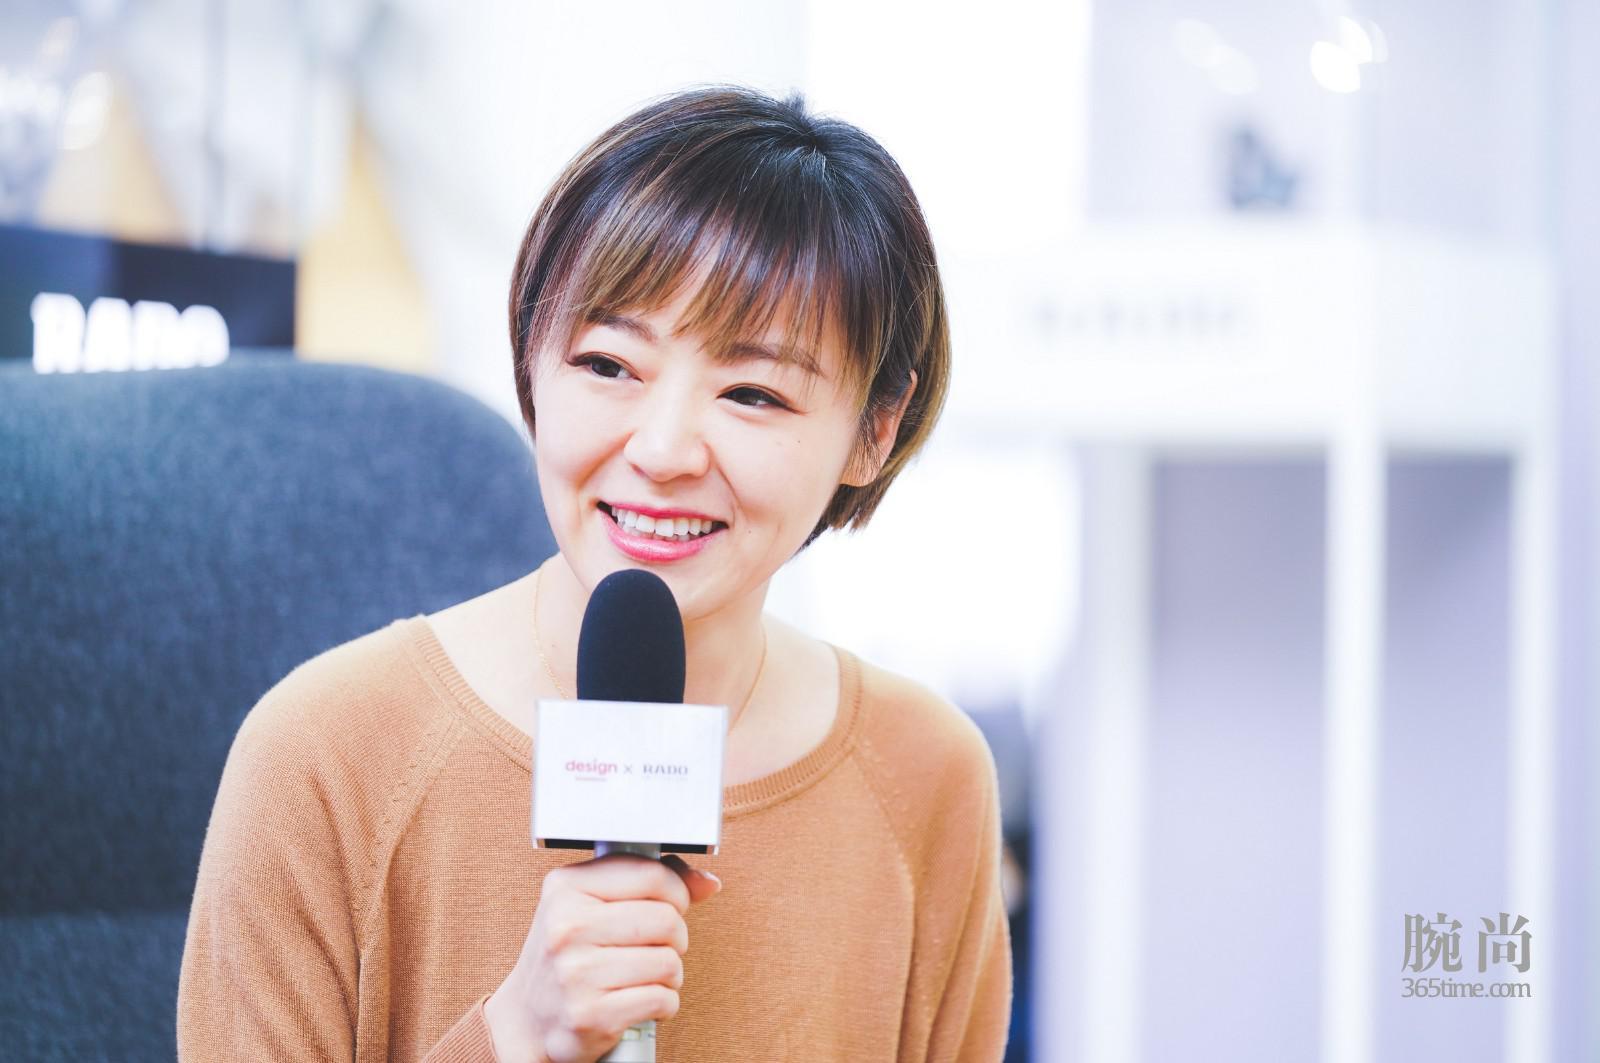 京东商城时尚事业部钟表业务部总经理陈婉女士.jpg